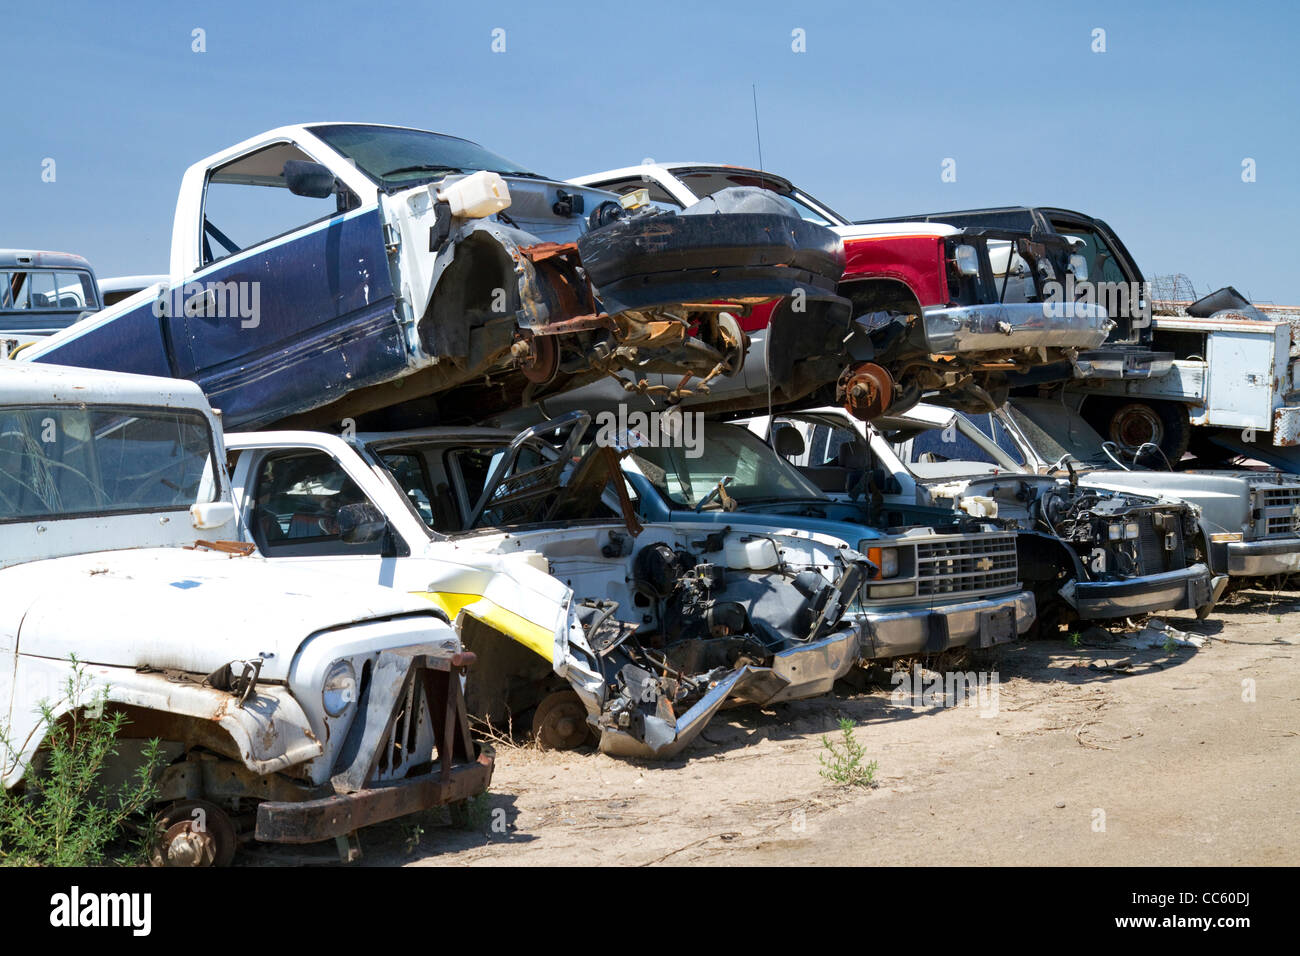 Automobil wrecking Hof in der Nähe von Caldwell, Idaho, USA. Stockbild